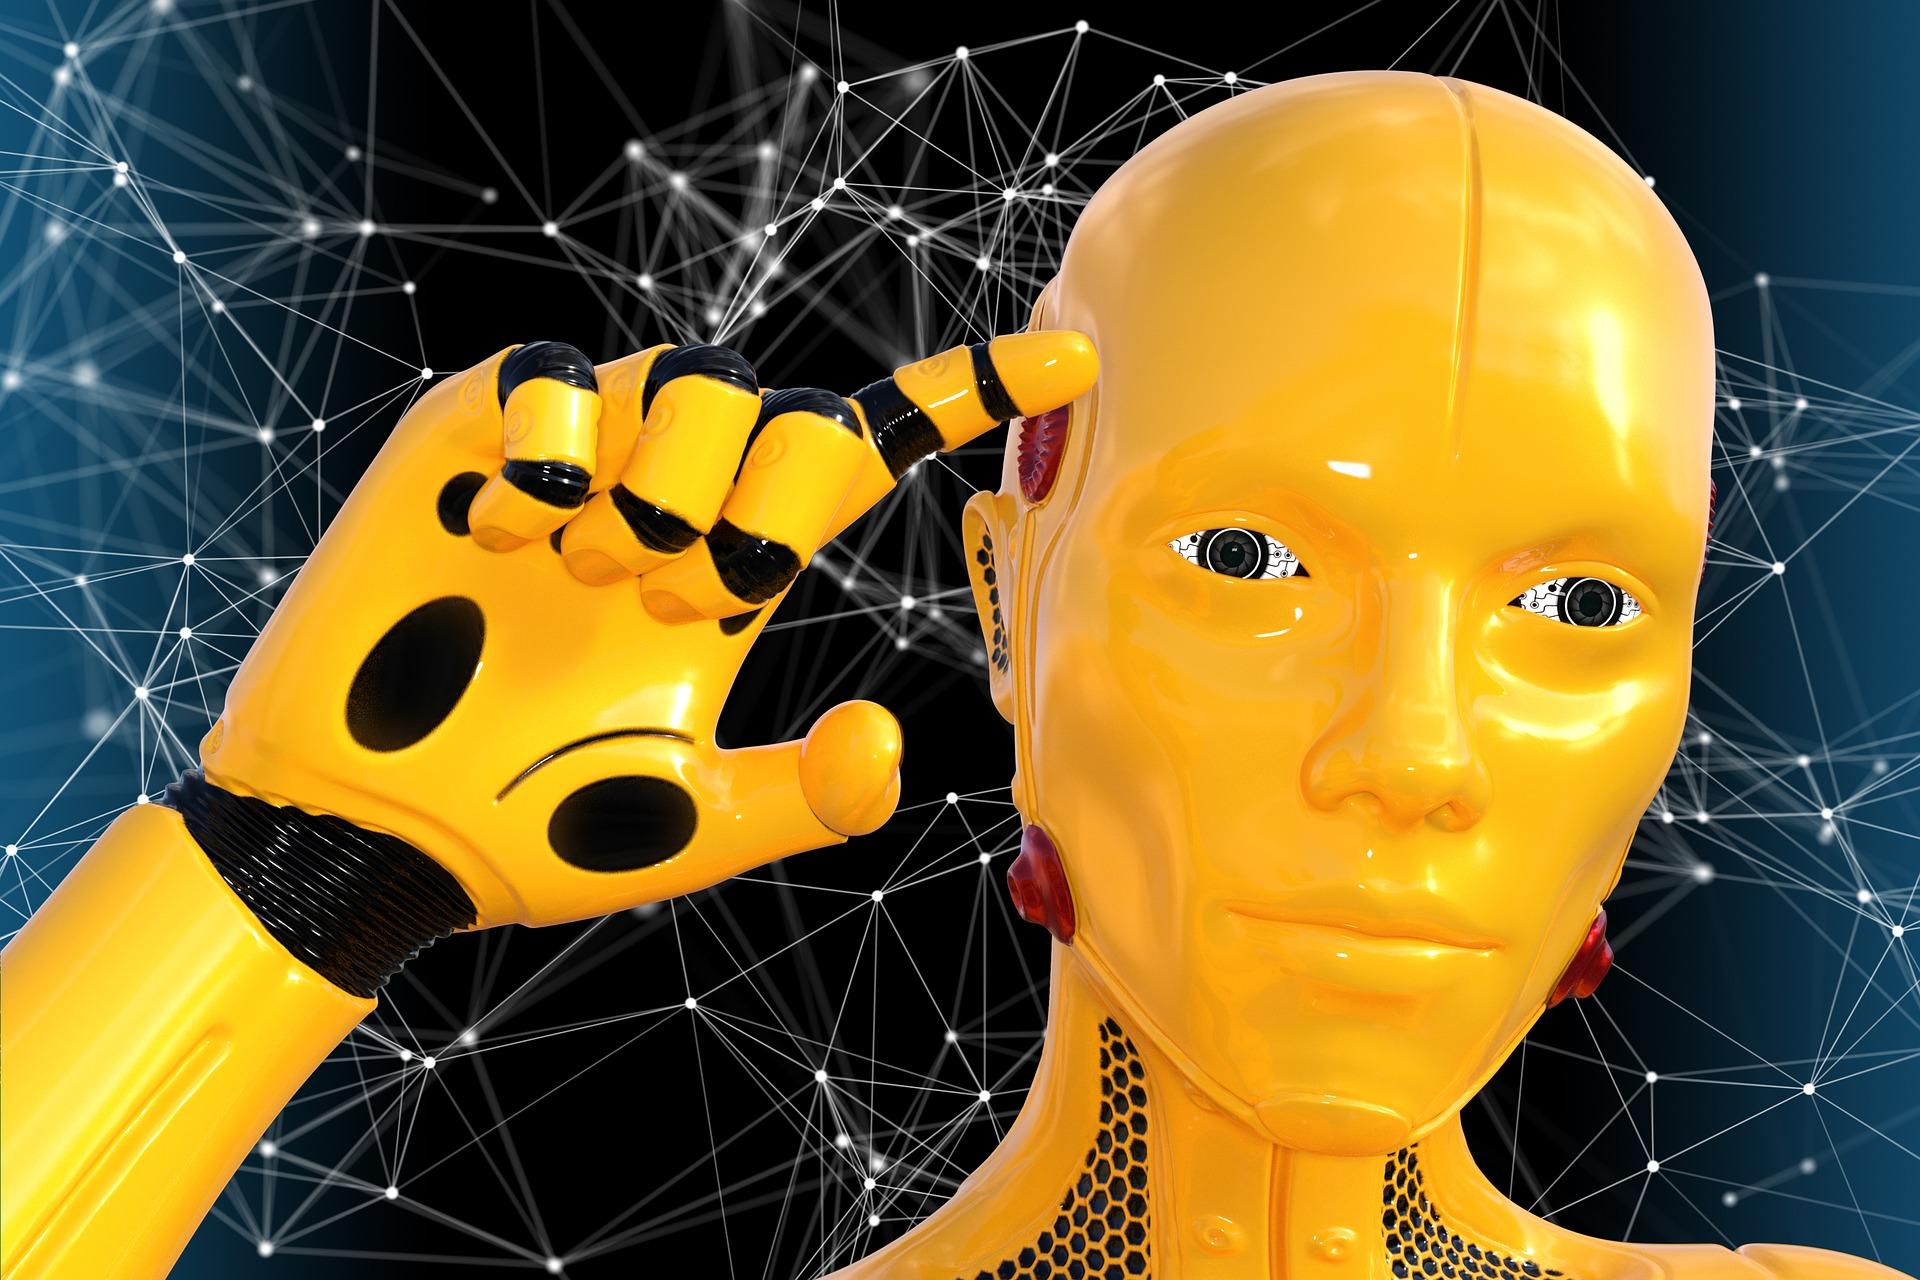 Много от работните места могат да бъдат частично автоматизирани